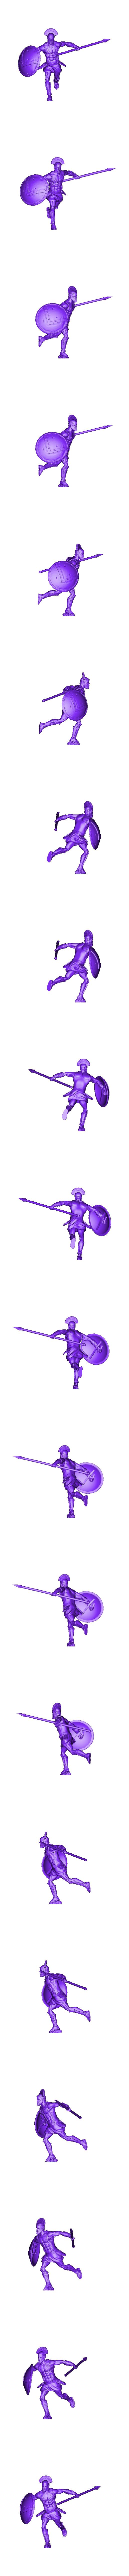 Spartan_Jump_2_-_50_mm.stl Télécharger fichier STL gratuit Spartans jump - Miniature 28mm 35mm 50mm • Plan pour impression 3D, BODY3D